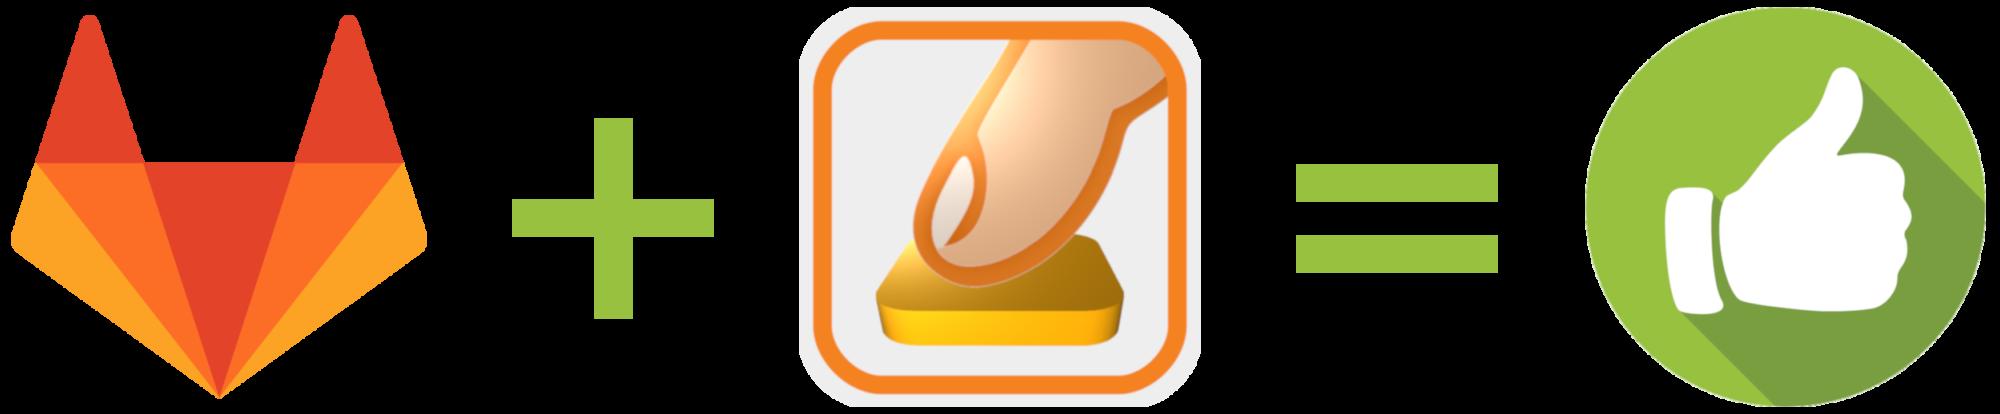 GitLab ToucheLibre